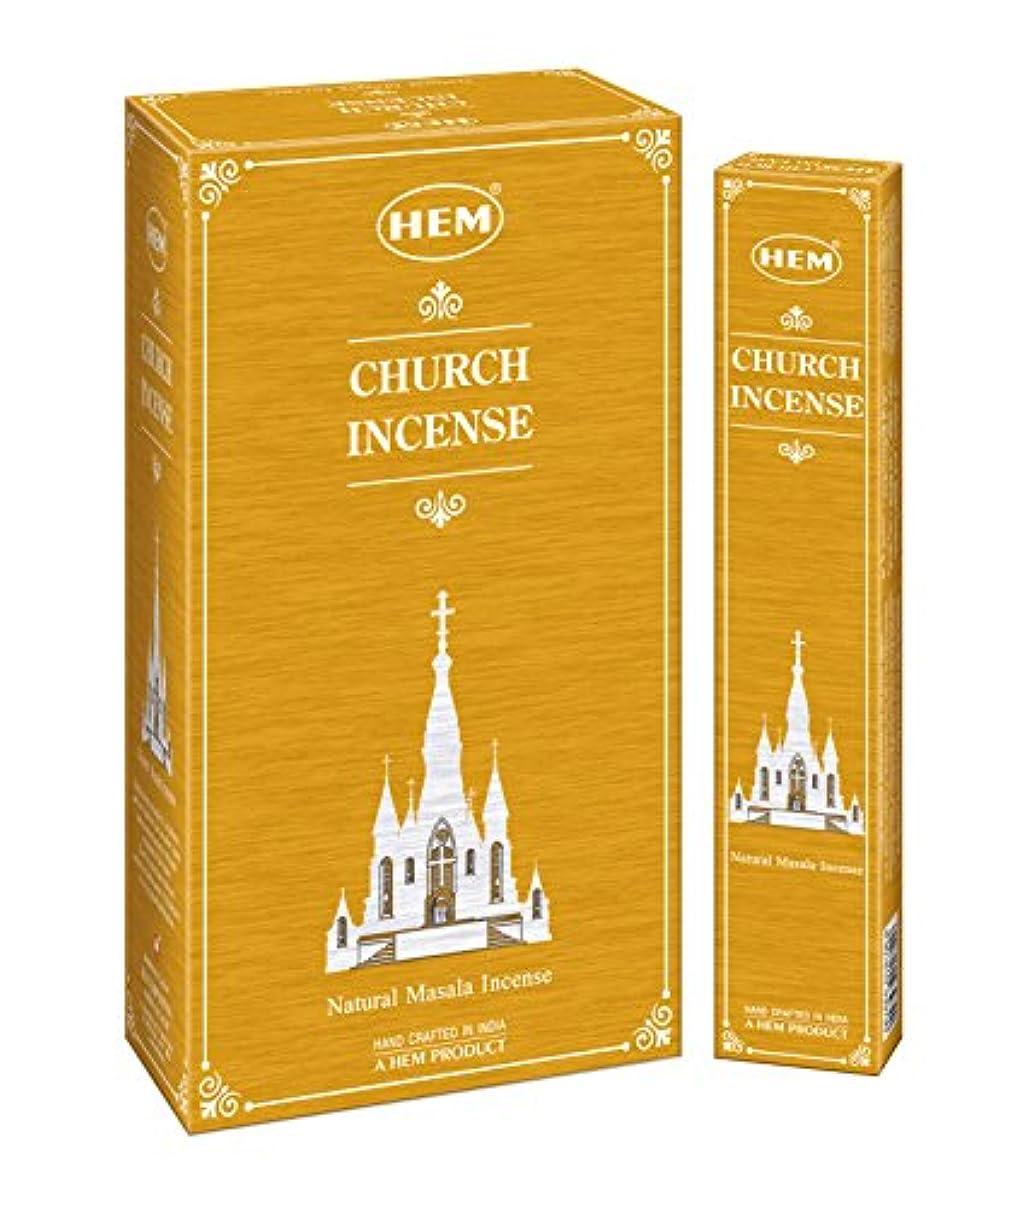 水差し拾う無視するHemお香新しくLaunched Exclusive Fragrance教会Masala Incense Sticksのセット12ボックス、15グラム各)